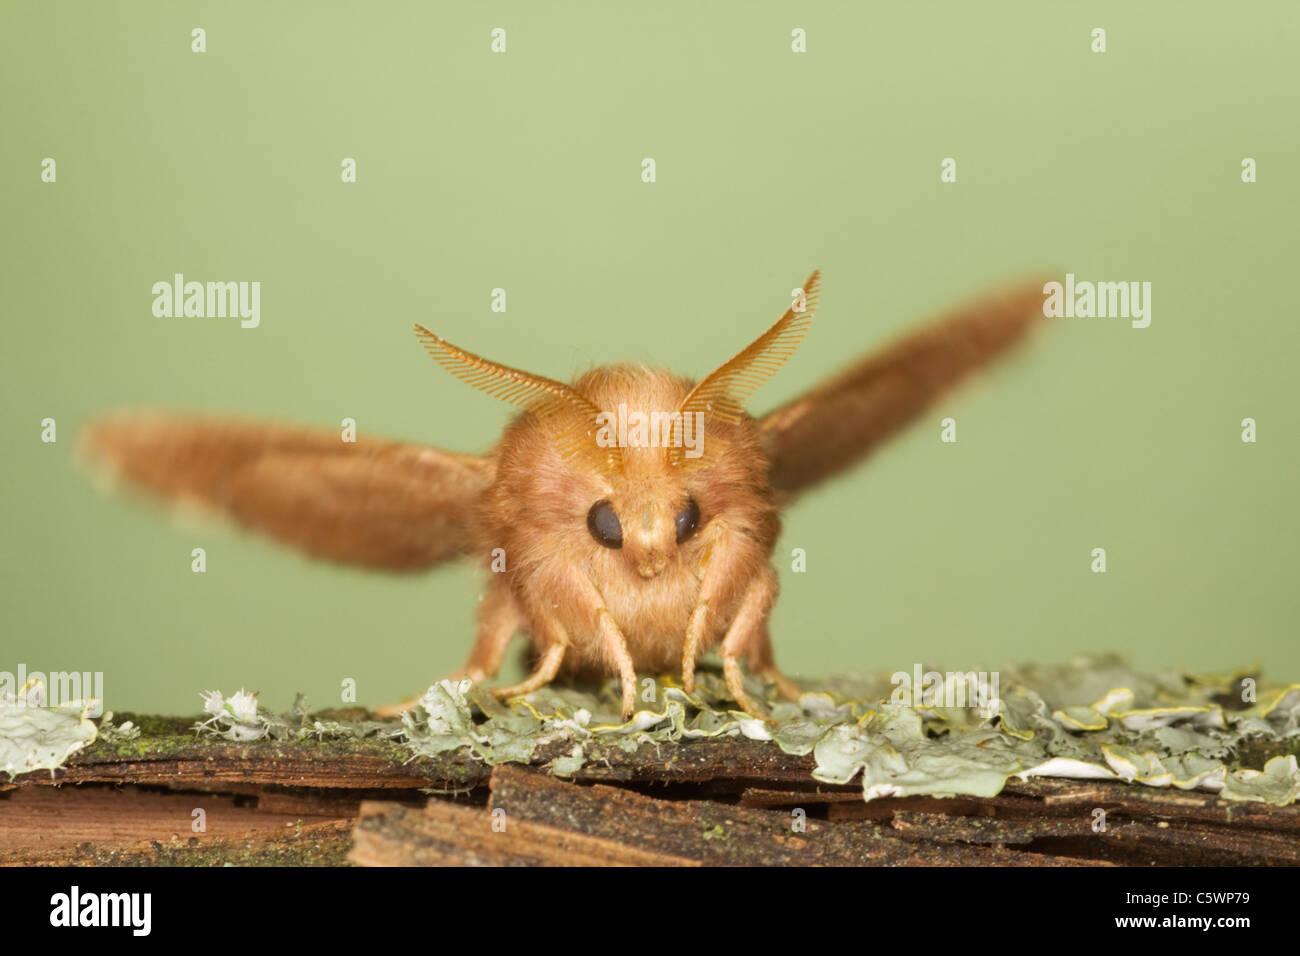 The Lackey Moth - maleshowing antennae Malacosoma neustria Essex, UK IN000880 - Stock Image